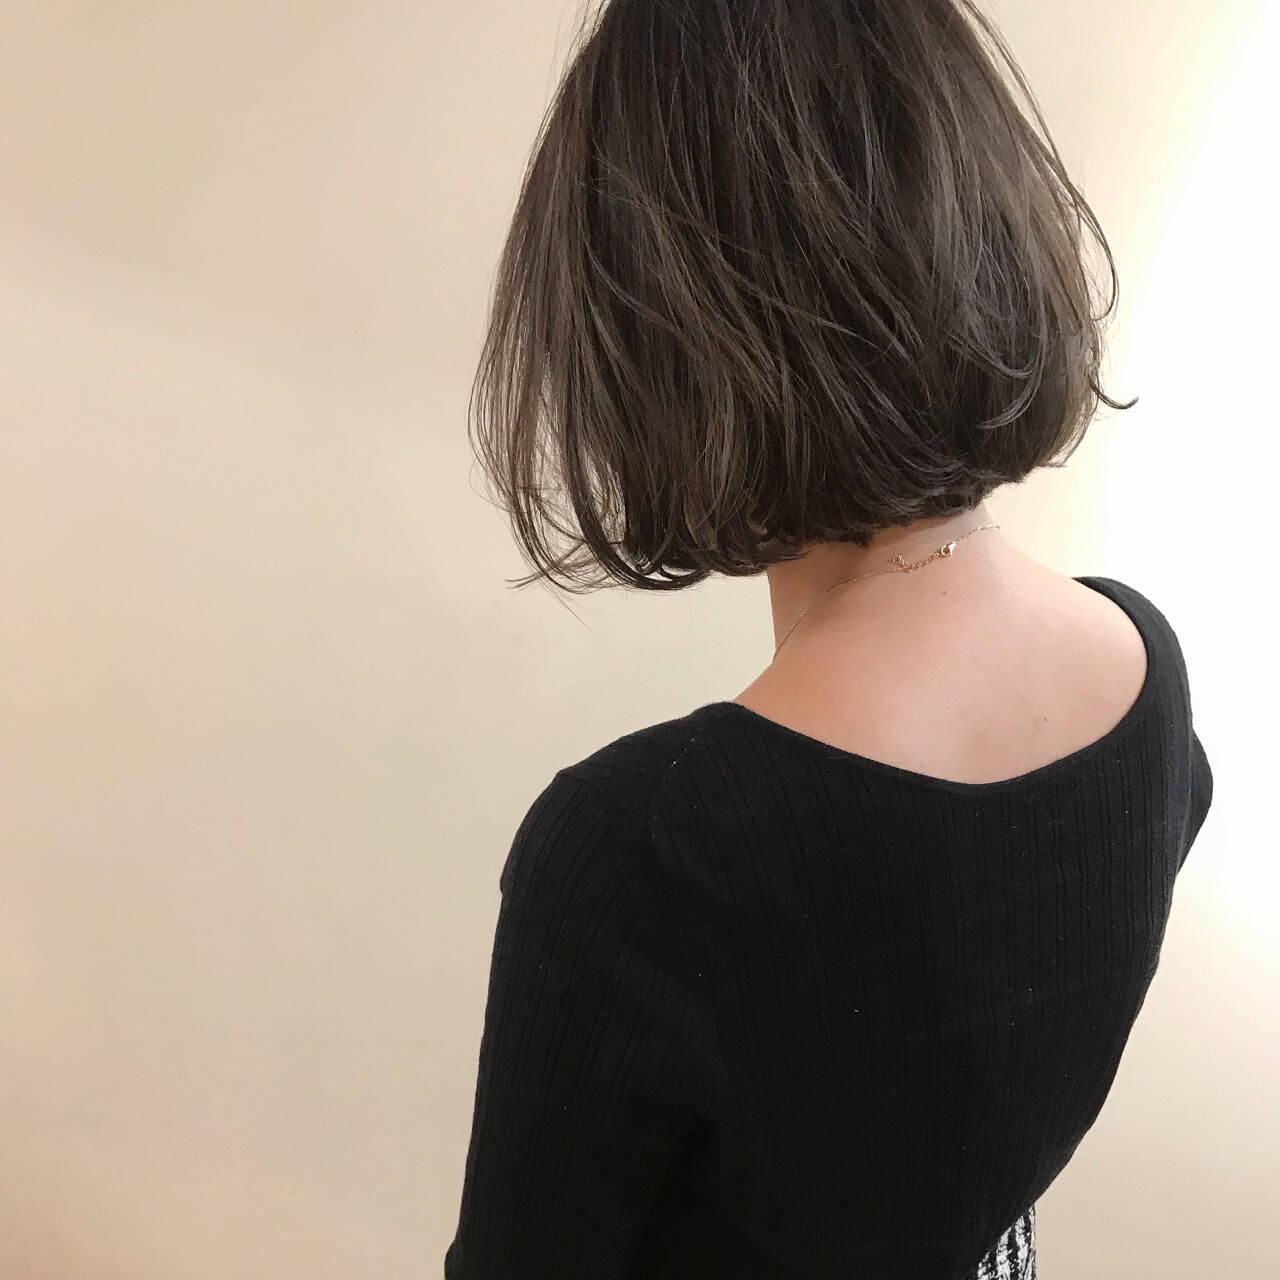 エフォートレス ハイライト 透明感 ボブヘアスタイルや髪型の写真・画像